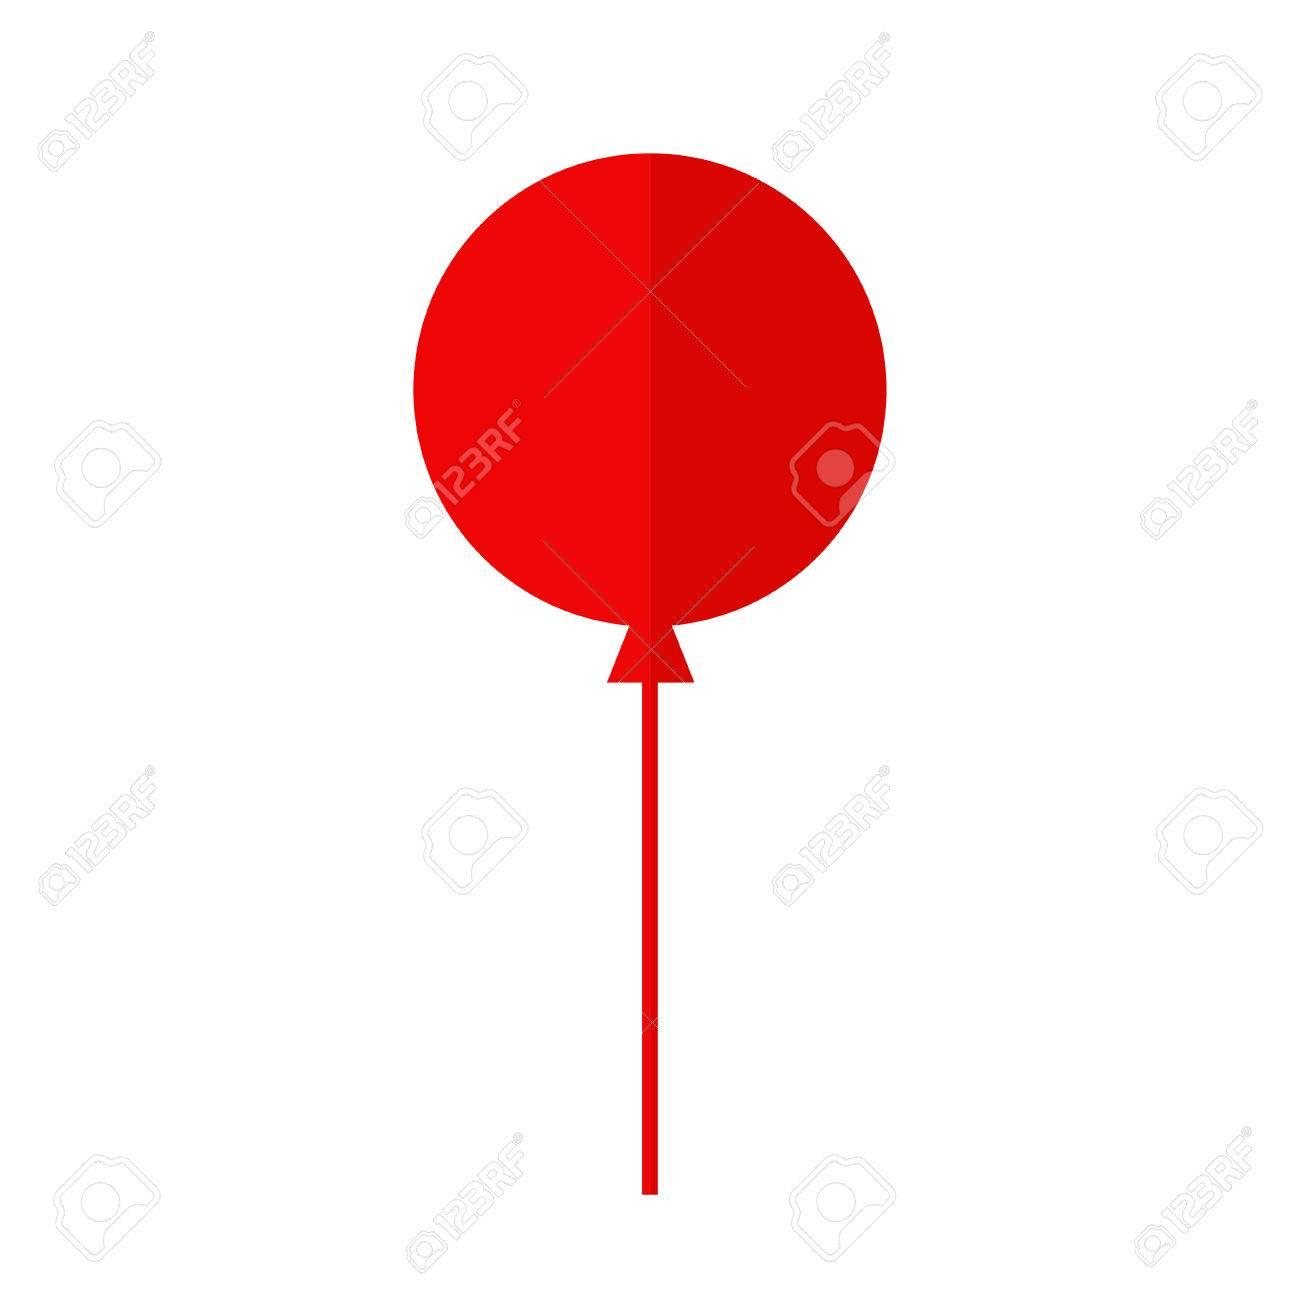 Ballon Geïsoleerd Pictogram Kleurrijke Ballon Rode Ballon Grote